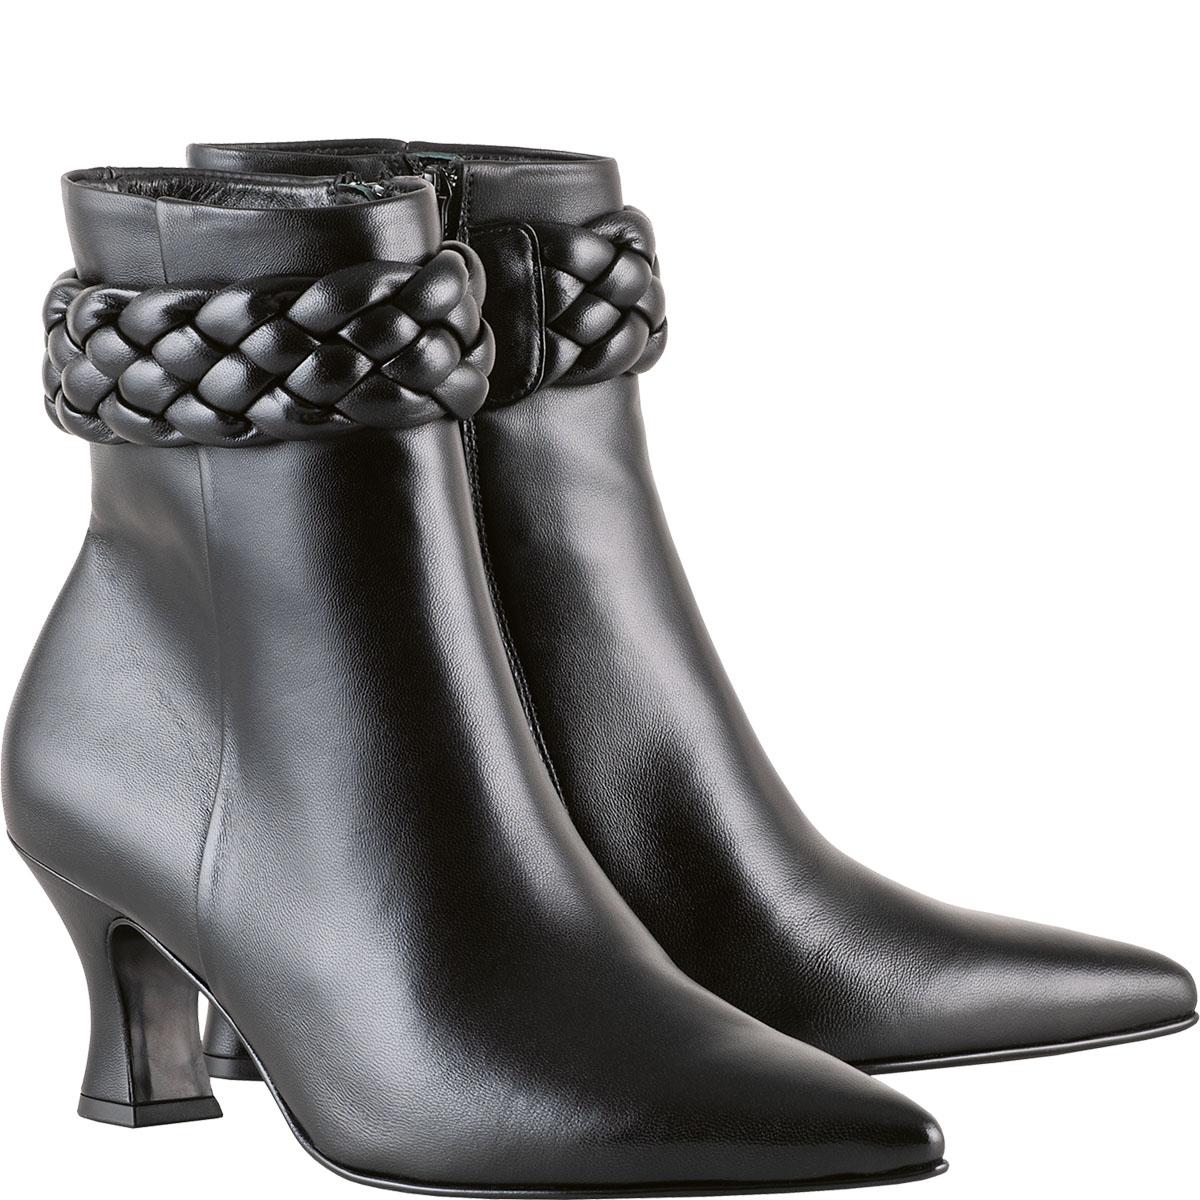 HÖGL 2107210 støvle